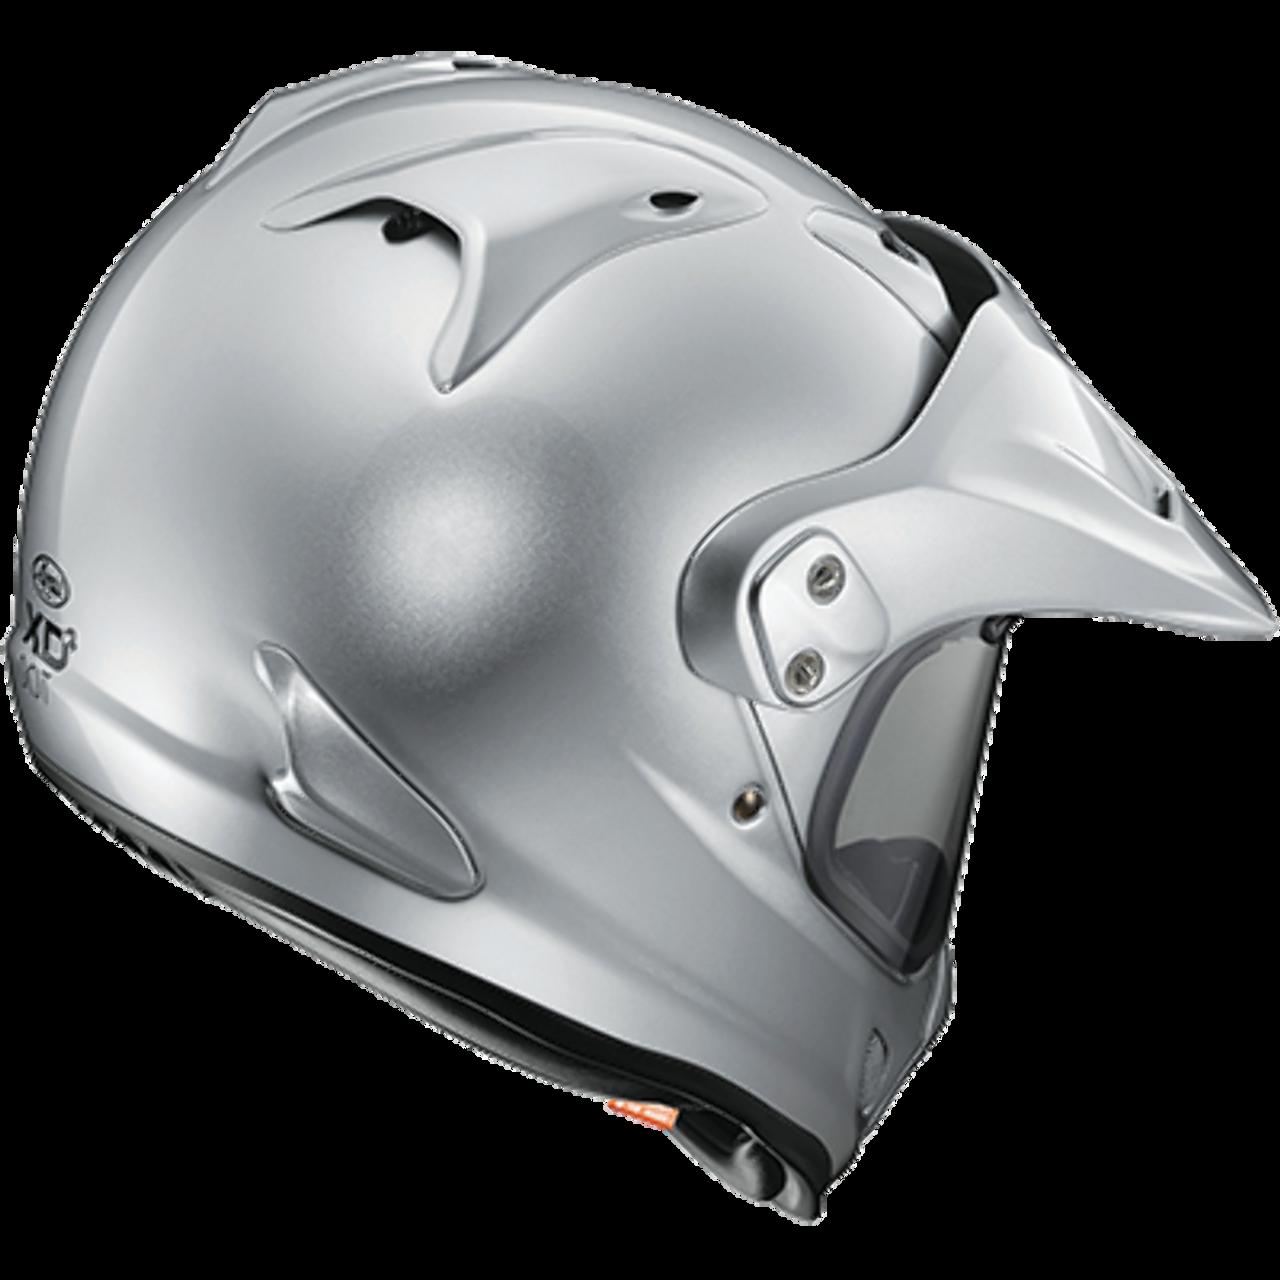 Arai XD4 Aluminum Silver